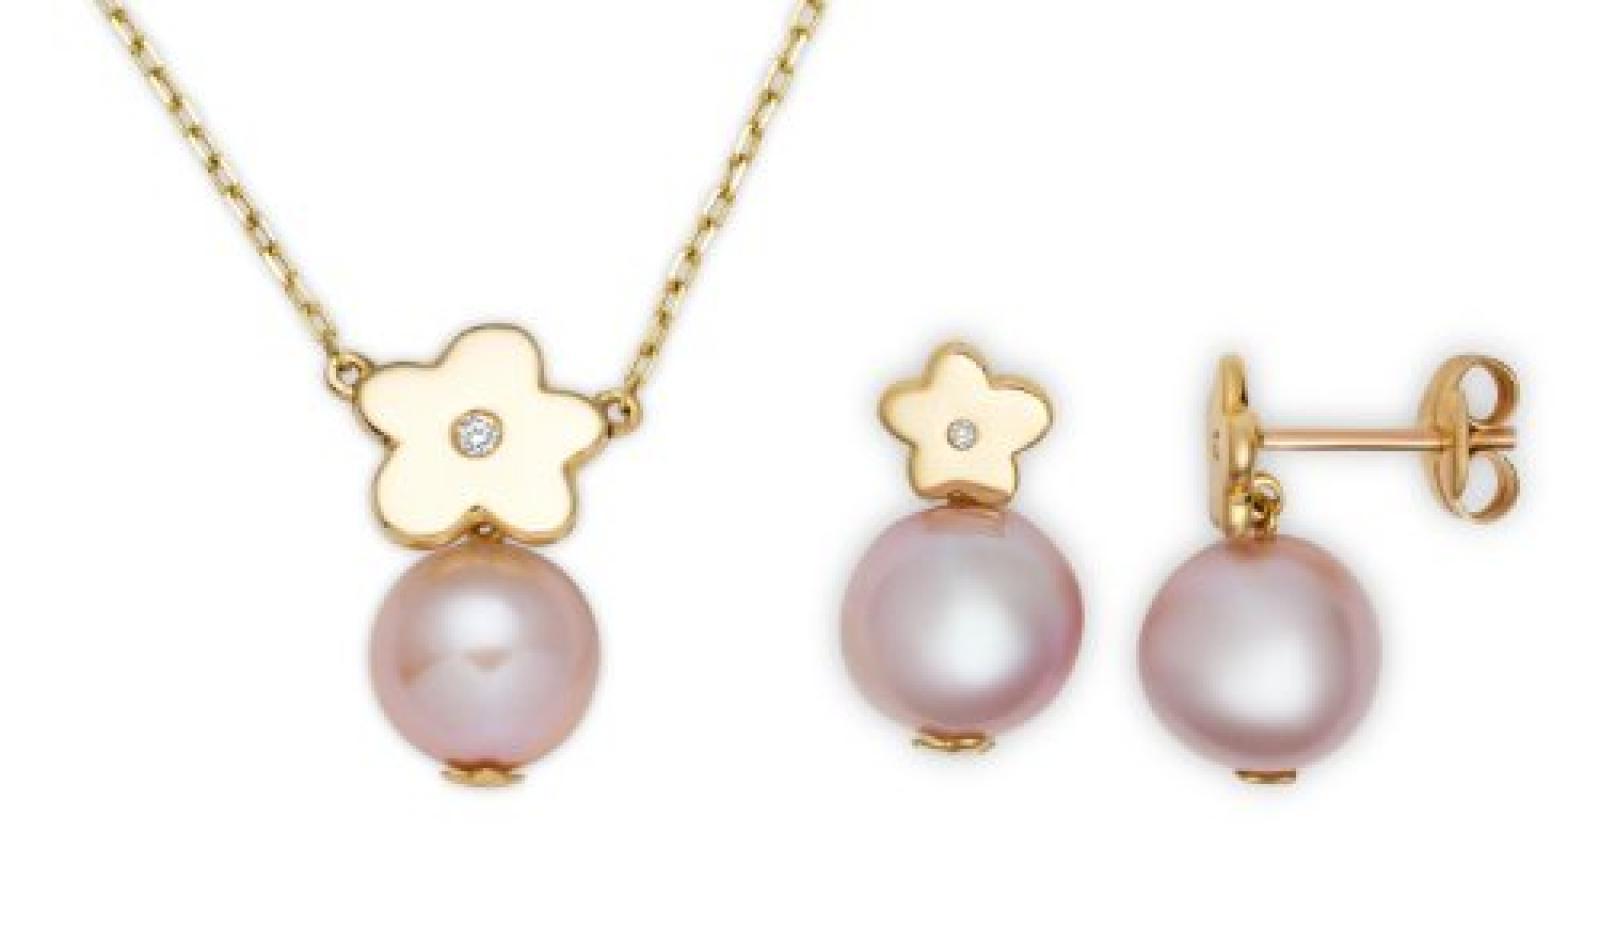 Miore Damen-Set: Halskette + Ohrringe Süßwasser-Zuchtperlen und Diamant 18 Karat (750) Gelbgold MSET003